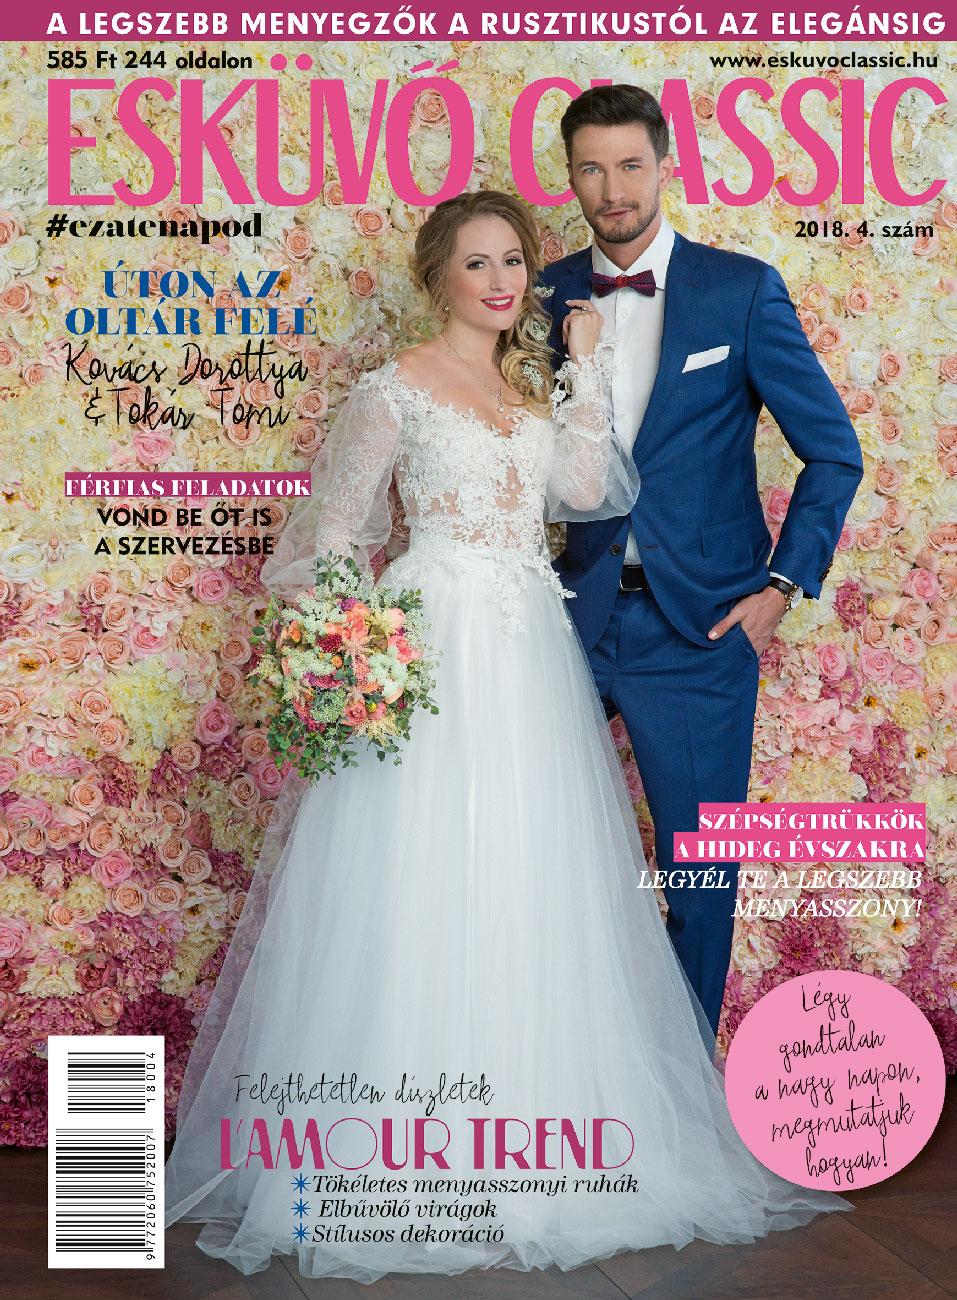 esküvő classic, Útmutató a tökéletes esküvőhöz – Az Esküvő Classic téli száma már az újságárusoknál